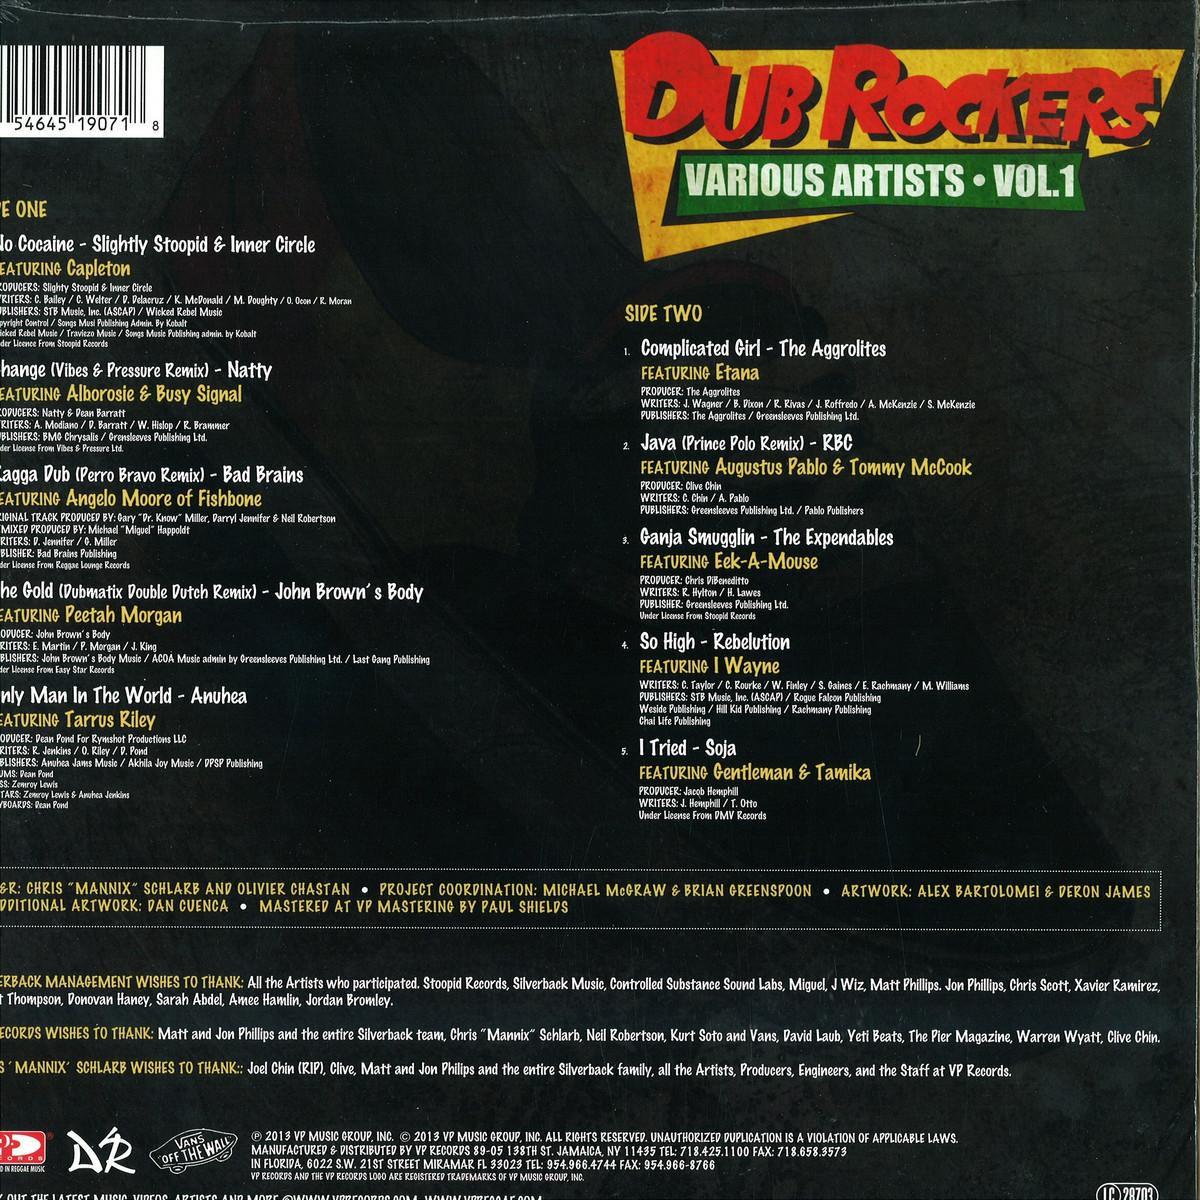 Dub Rockers - Vol 1 / VP Music Group Inc  VPRL1907 - Vinyl